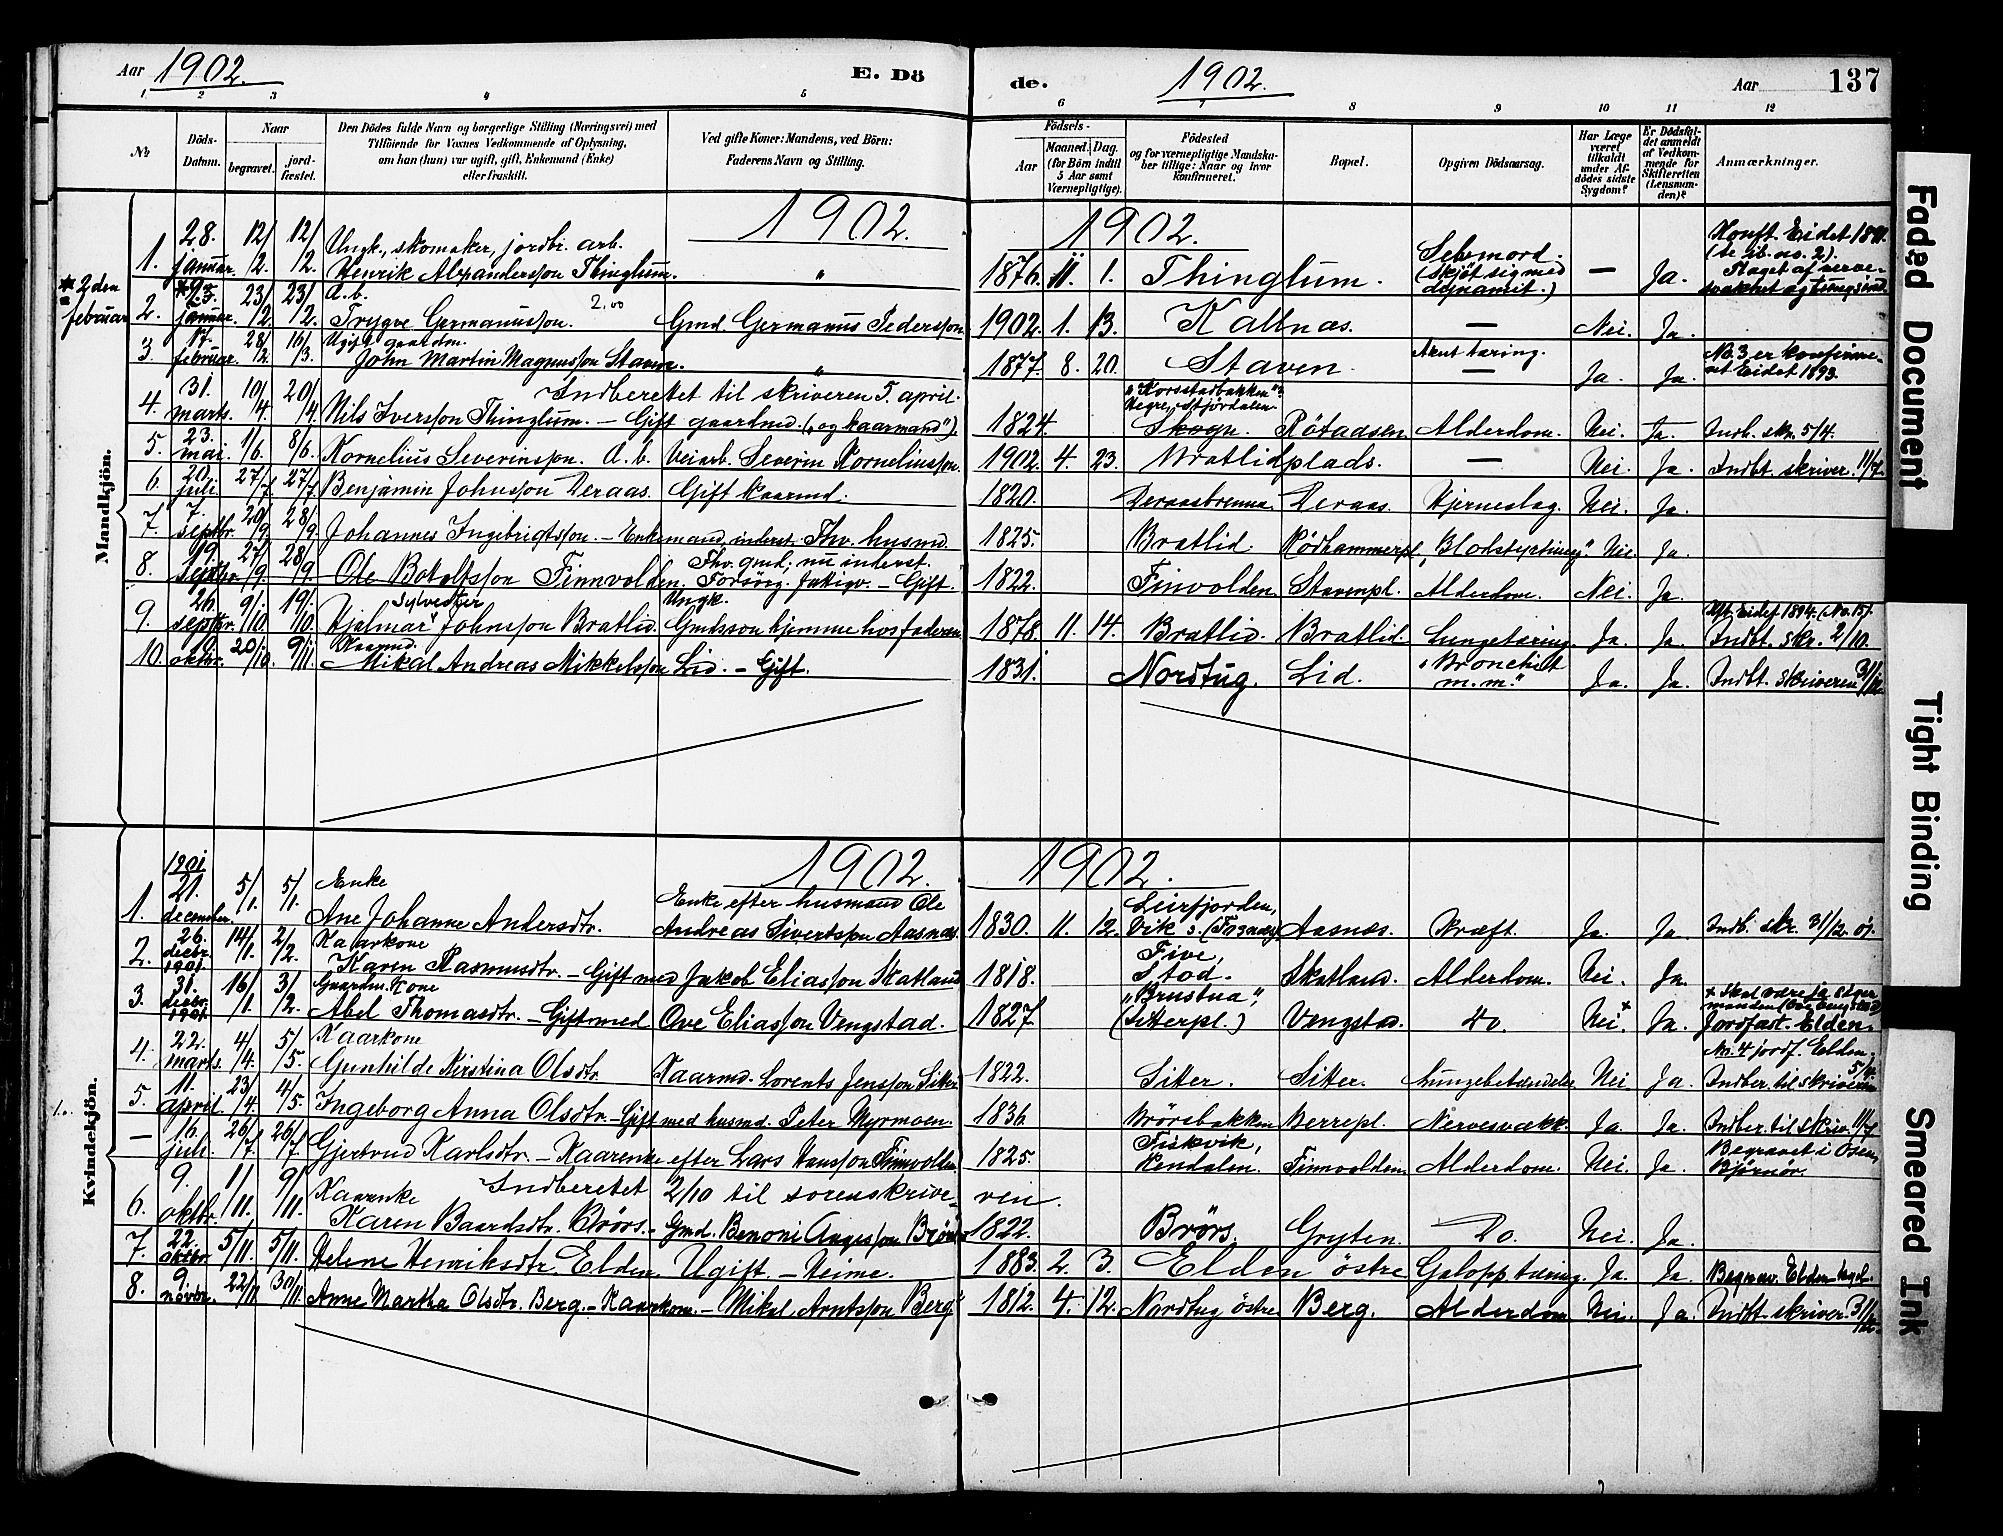 SAT, Ministerialprotokoller, klokkerbøker og fødselsregistre - Nord-Trøndelag, 742/L0409: Ministerialbok nr. 742A02, 1891-1905, s. 137